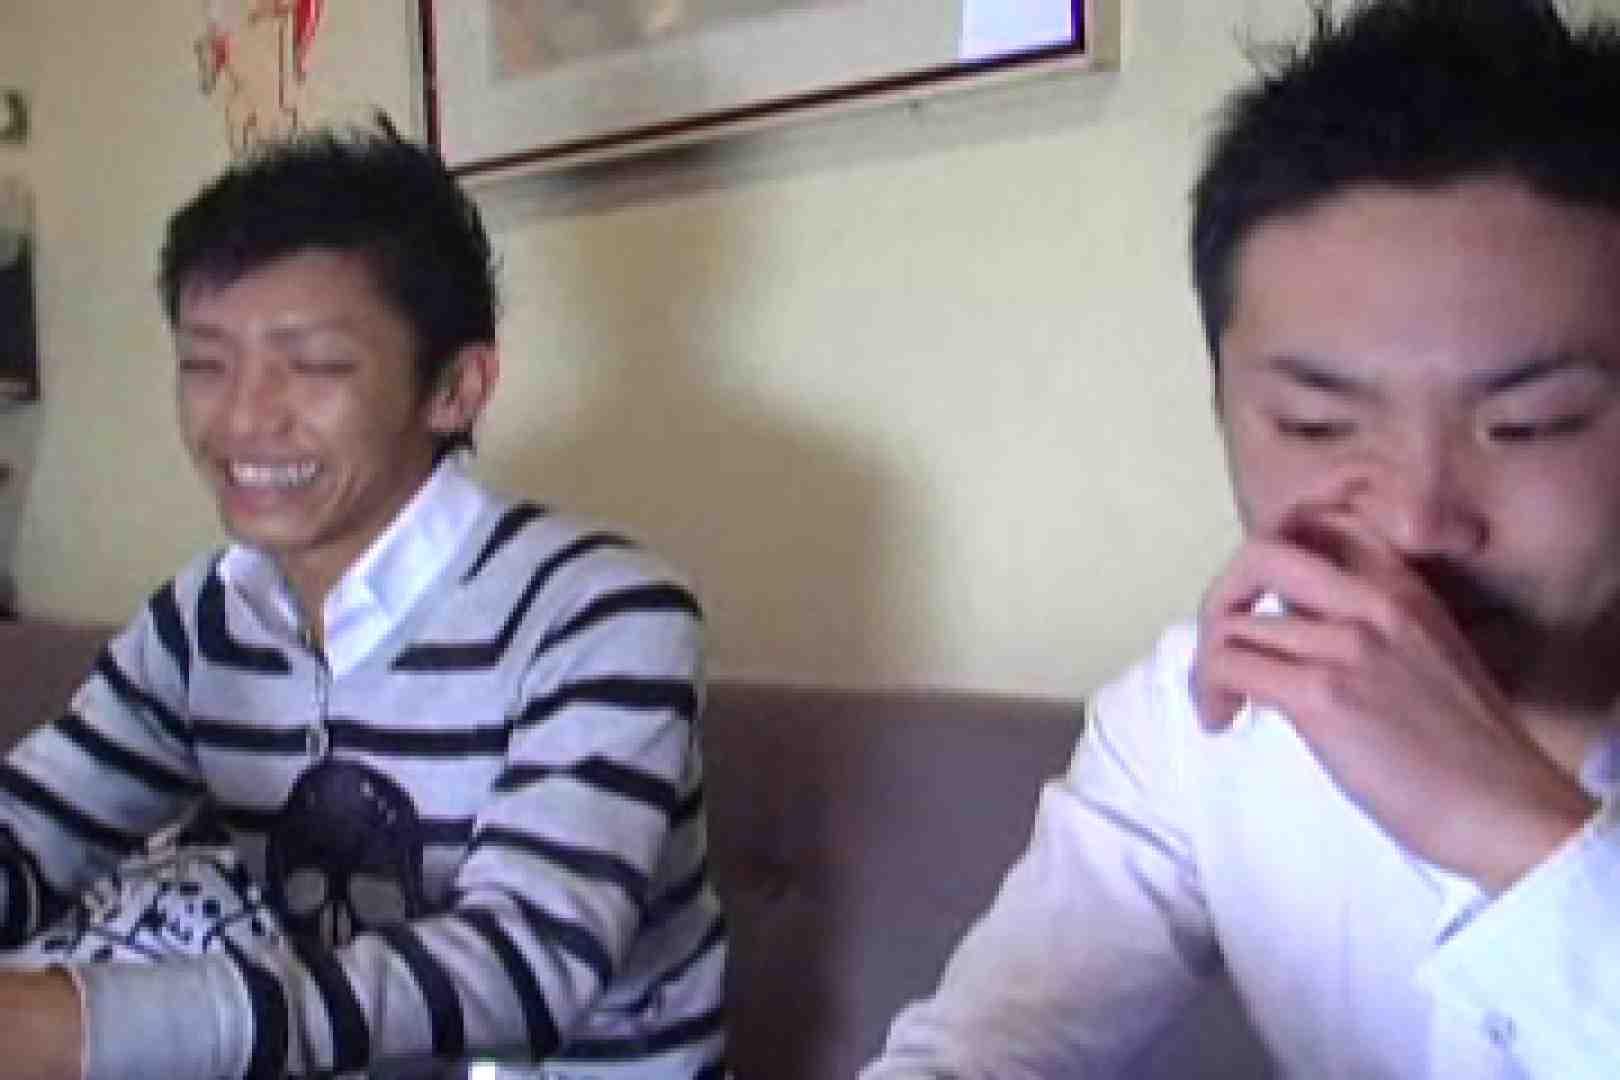 美men's達のForbidden World vol.4 入浴・シャワー丸見え ゲイエロ動画 63pic 47